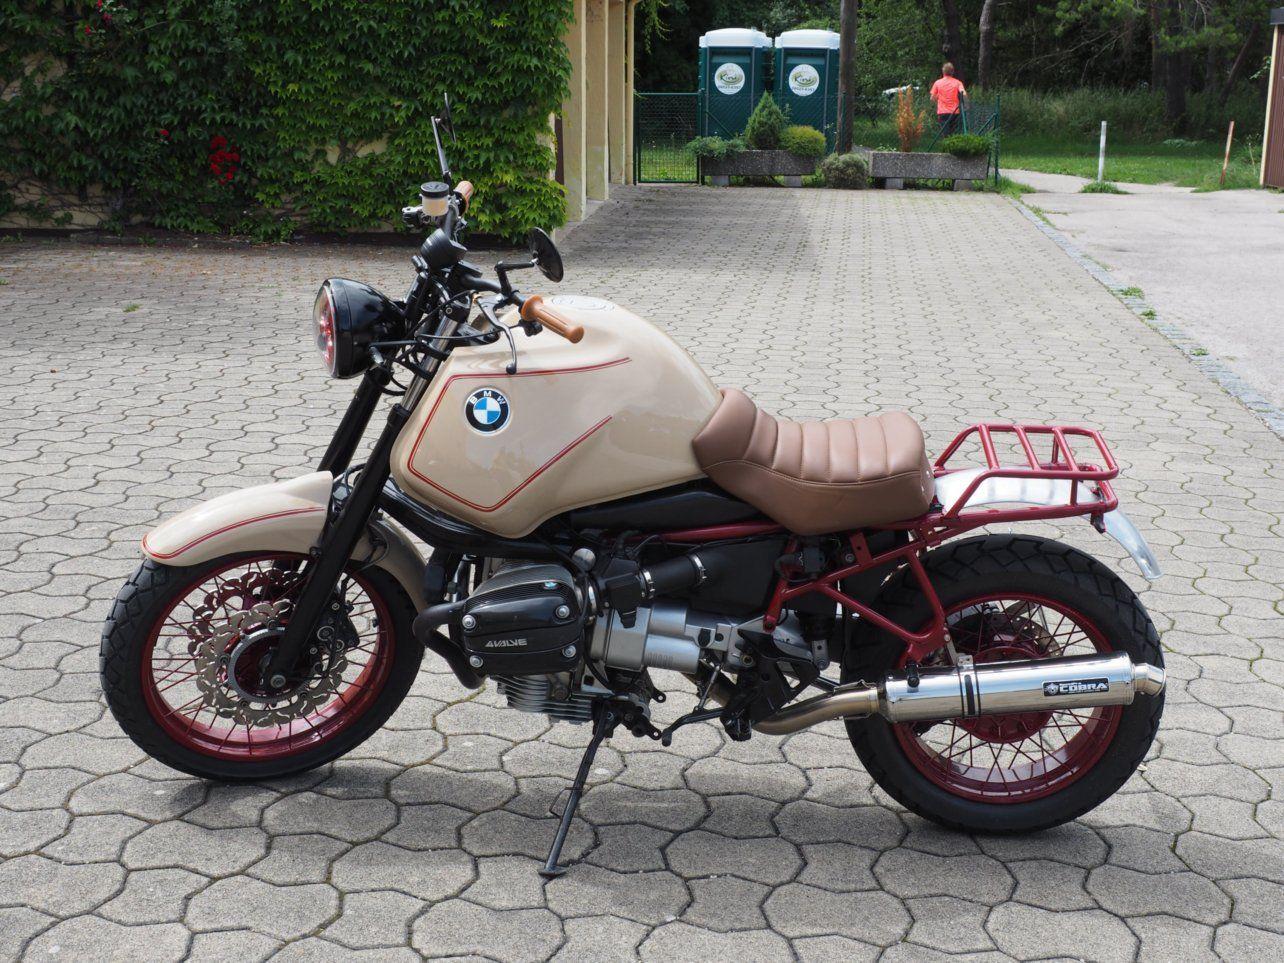 Bmw R1100rs Scrambler Motorbikes Bmw Bmw Motorcycles Motorcycle